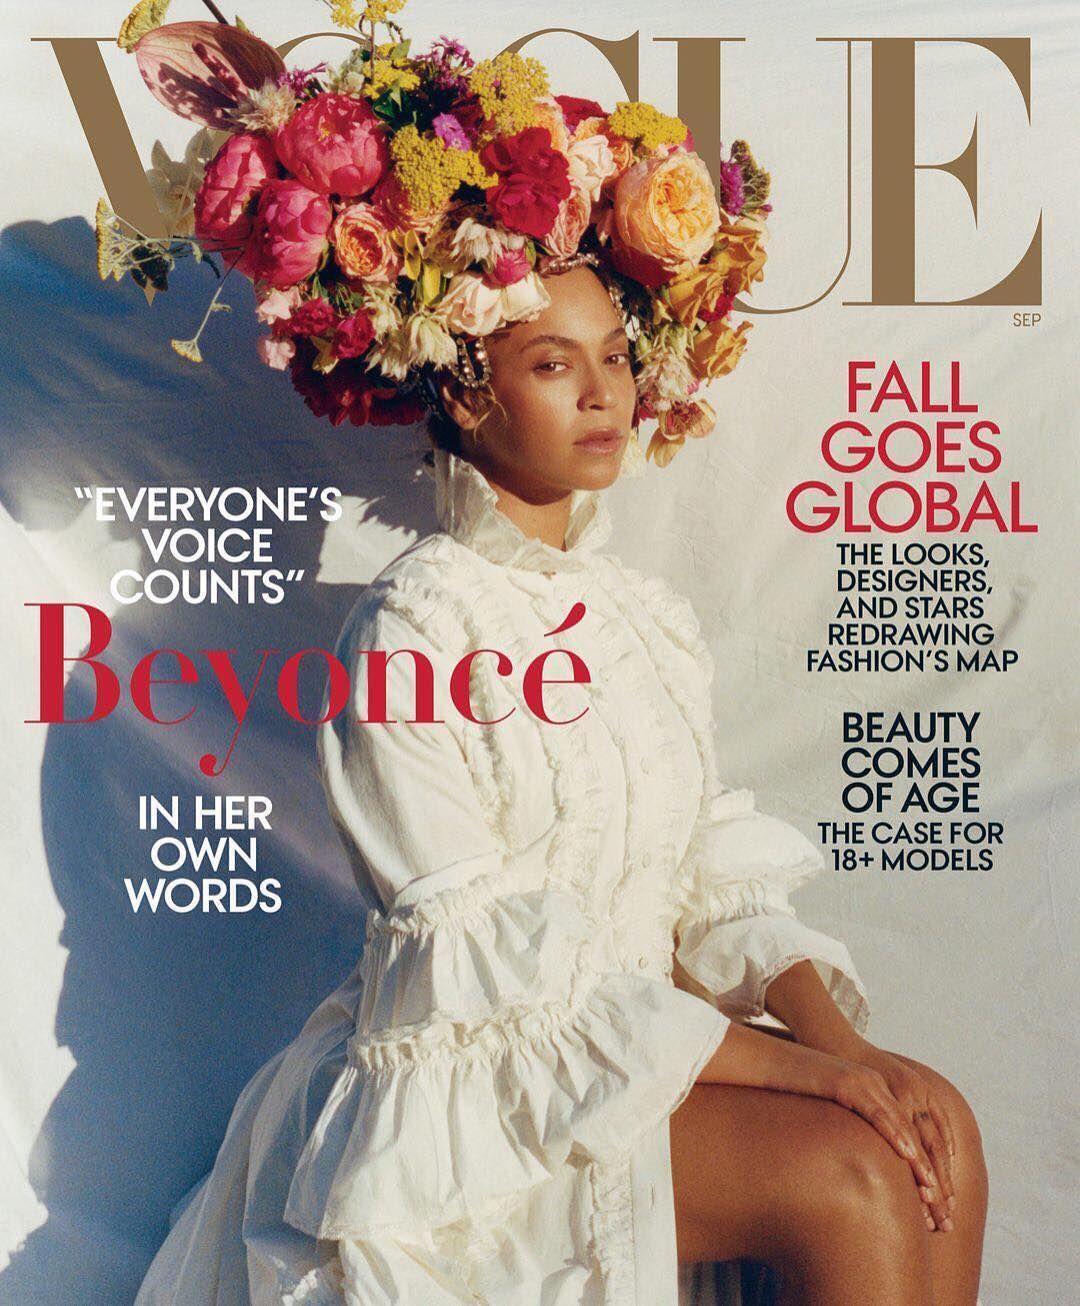 Frisuren 2020 Hochzeitsfrisuren Nageldesign 2020 Kurze Frisuren Beyonce Vogue Magazin Vogue Cover